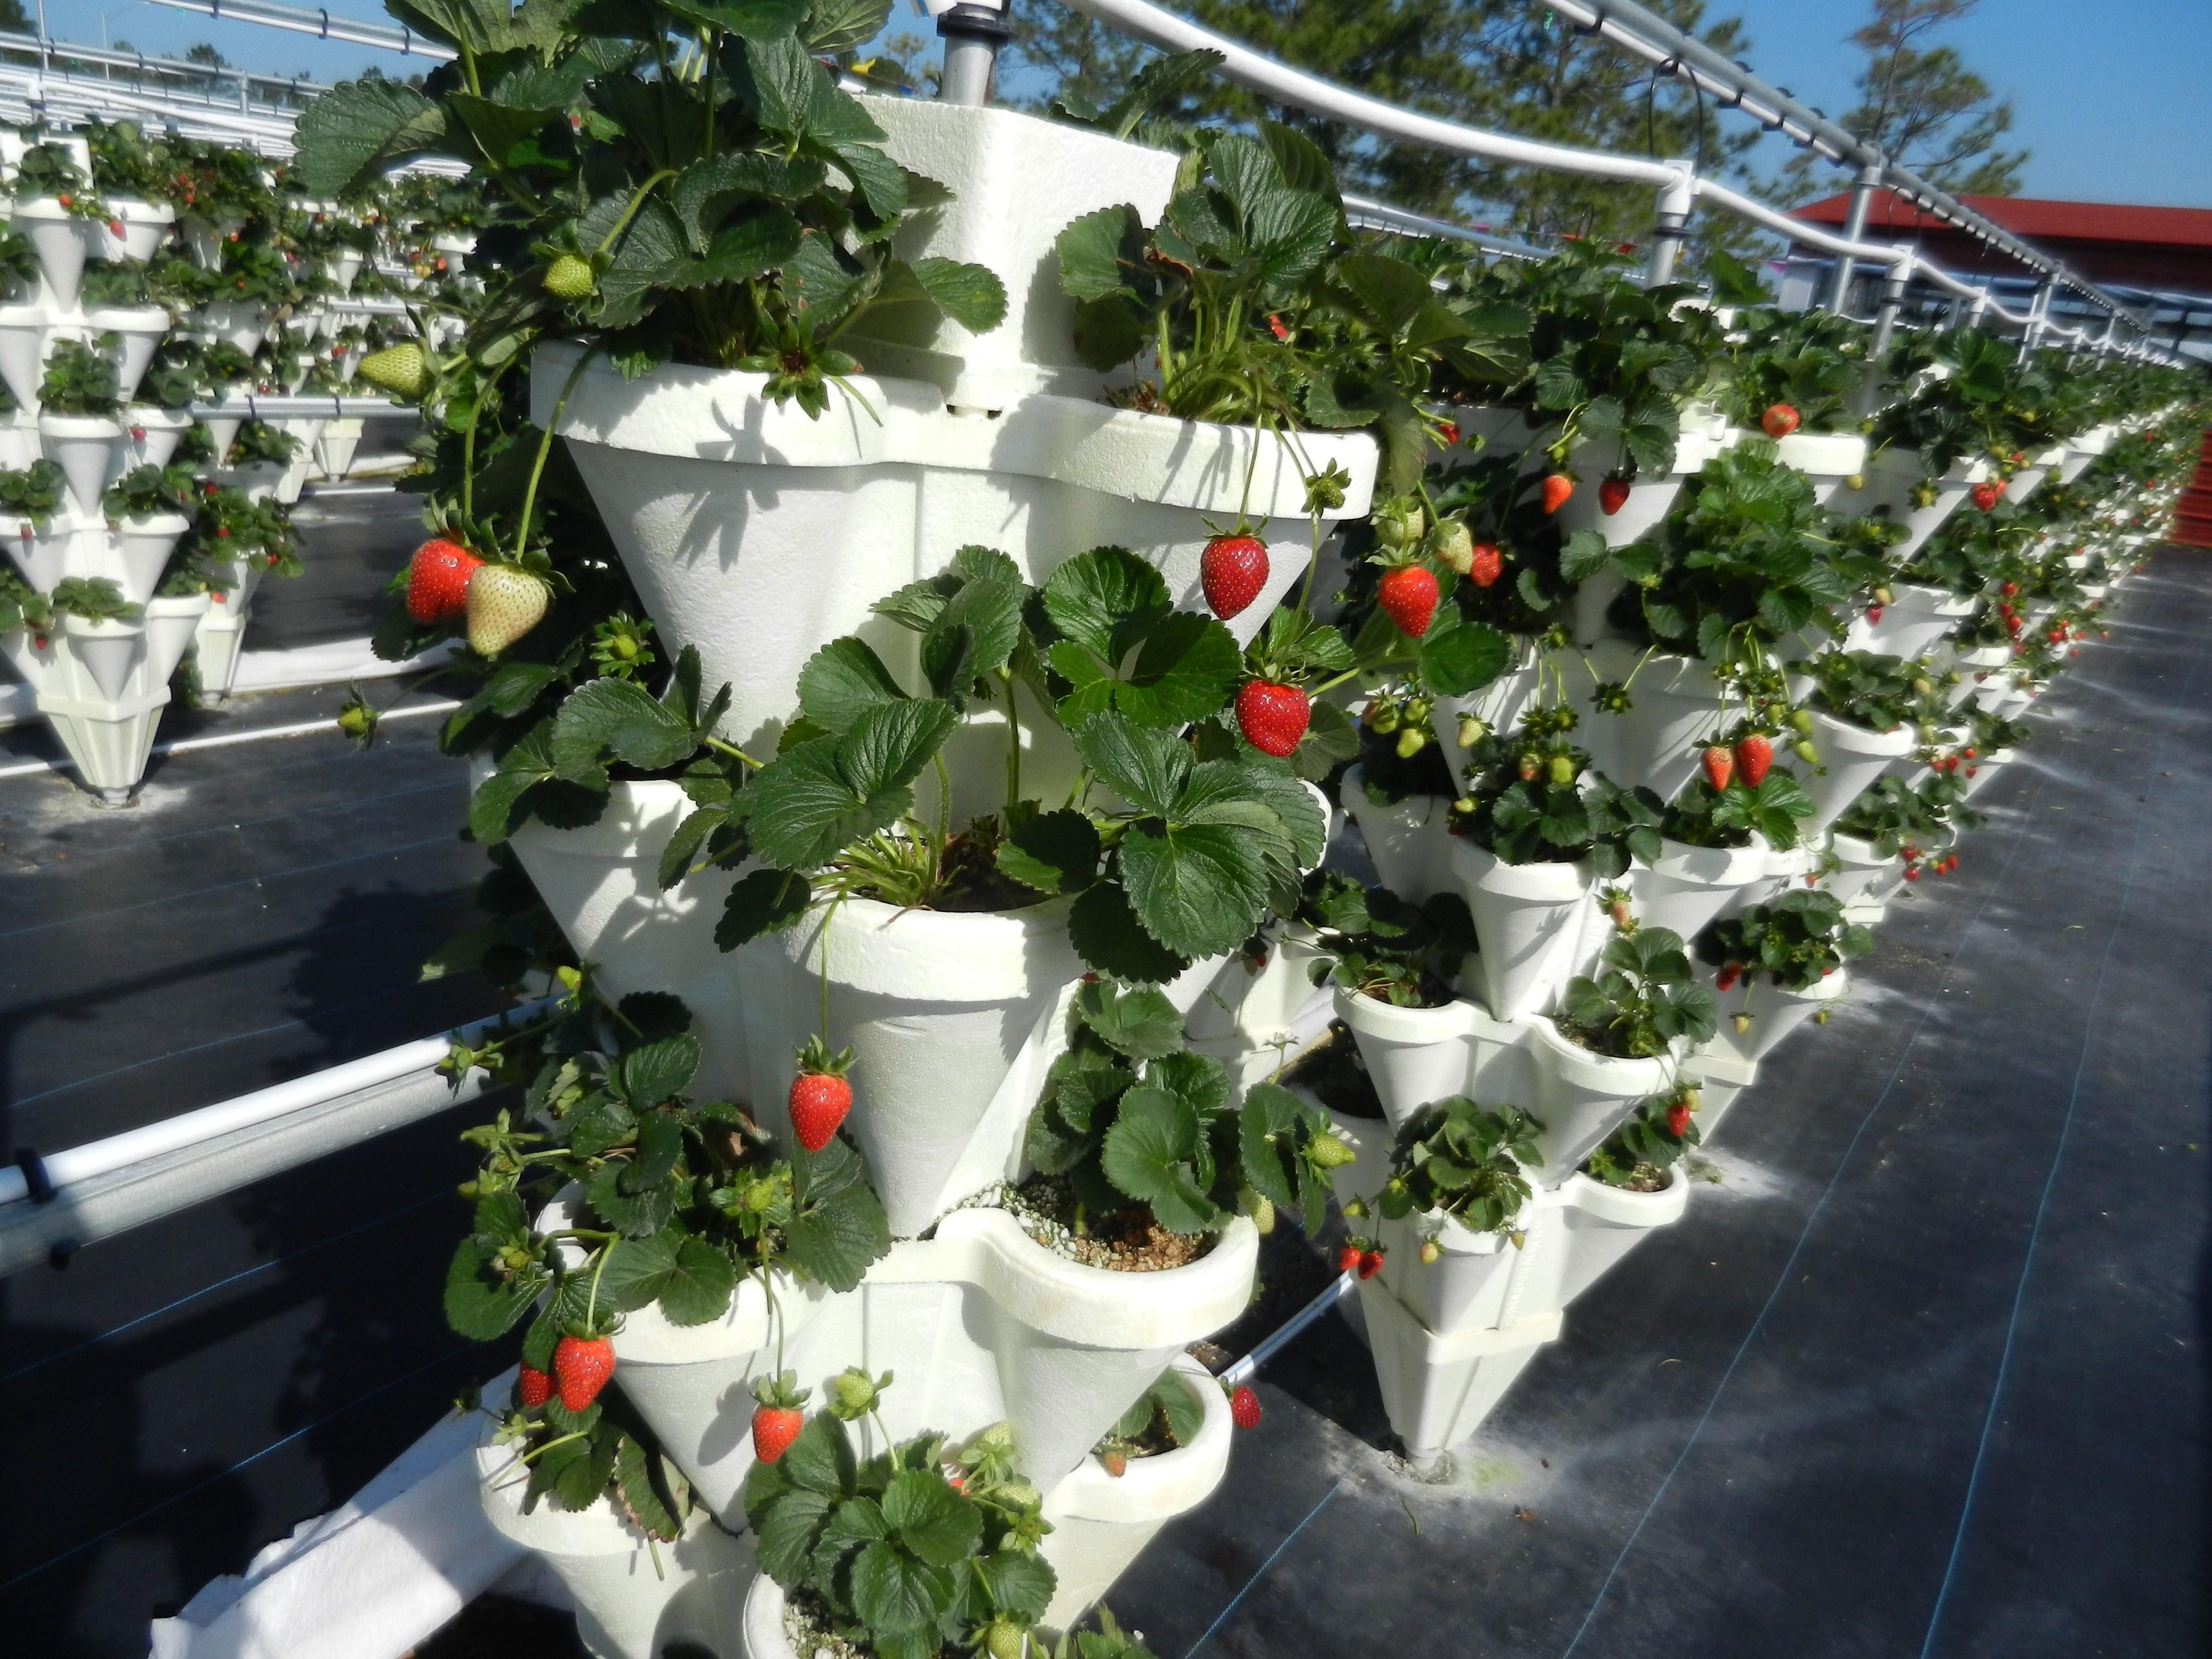 Piantine da orto ortaggi come scegliere le piantine da for Vasi per fragole